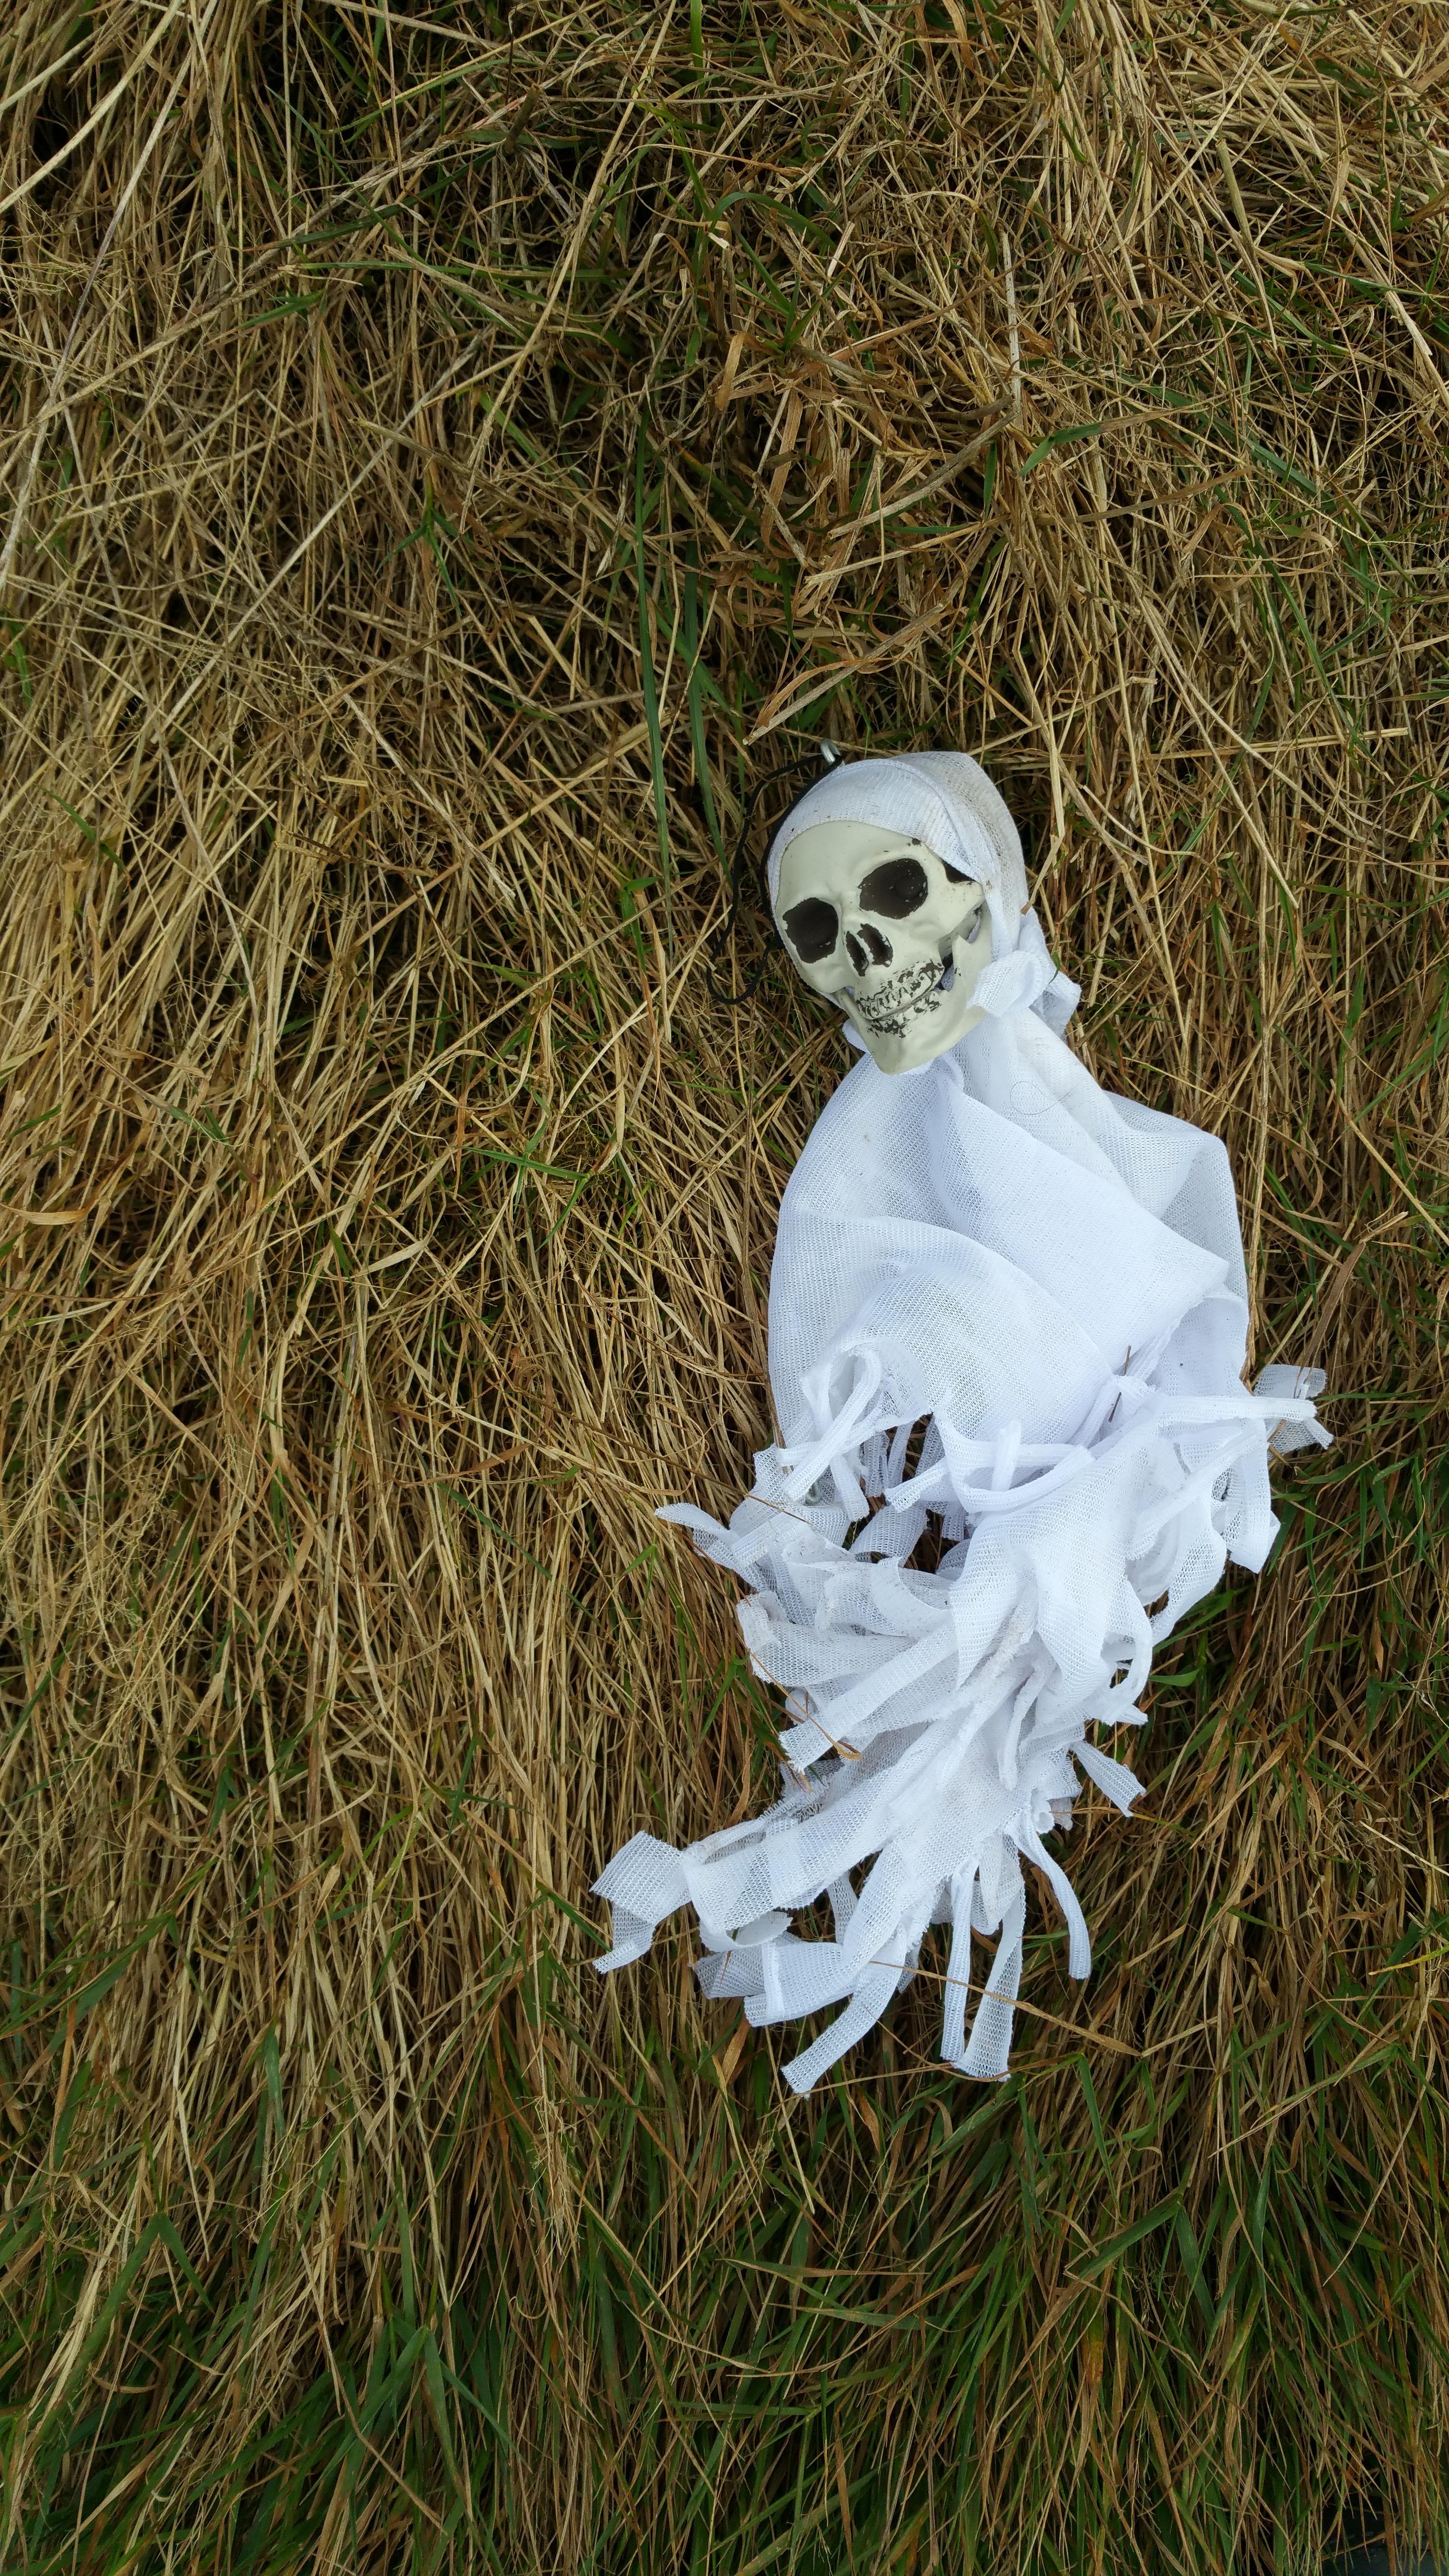 Free images grass white hay flower statue halloween death grass white hay flower statue halloween death skull sculpture spirit decore mightylinksfo